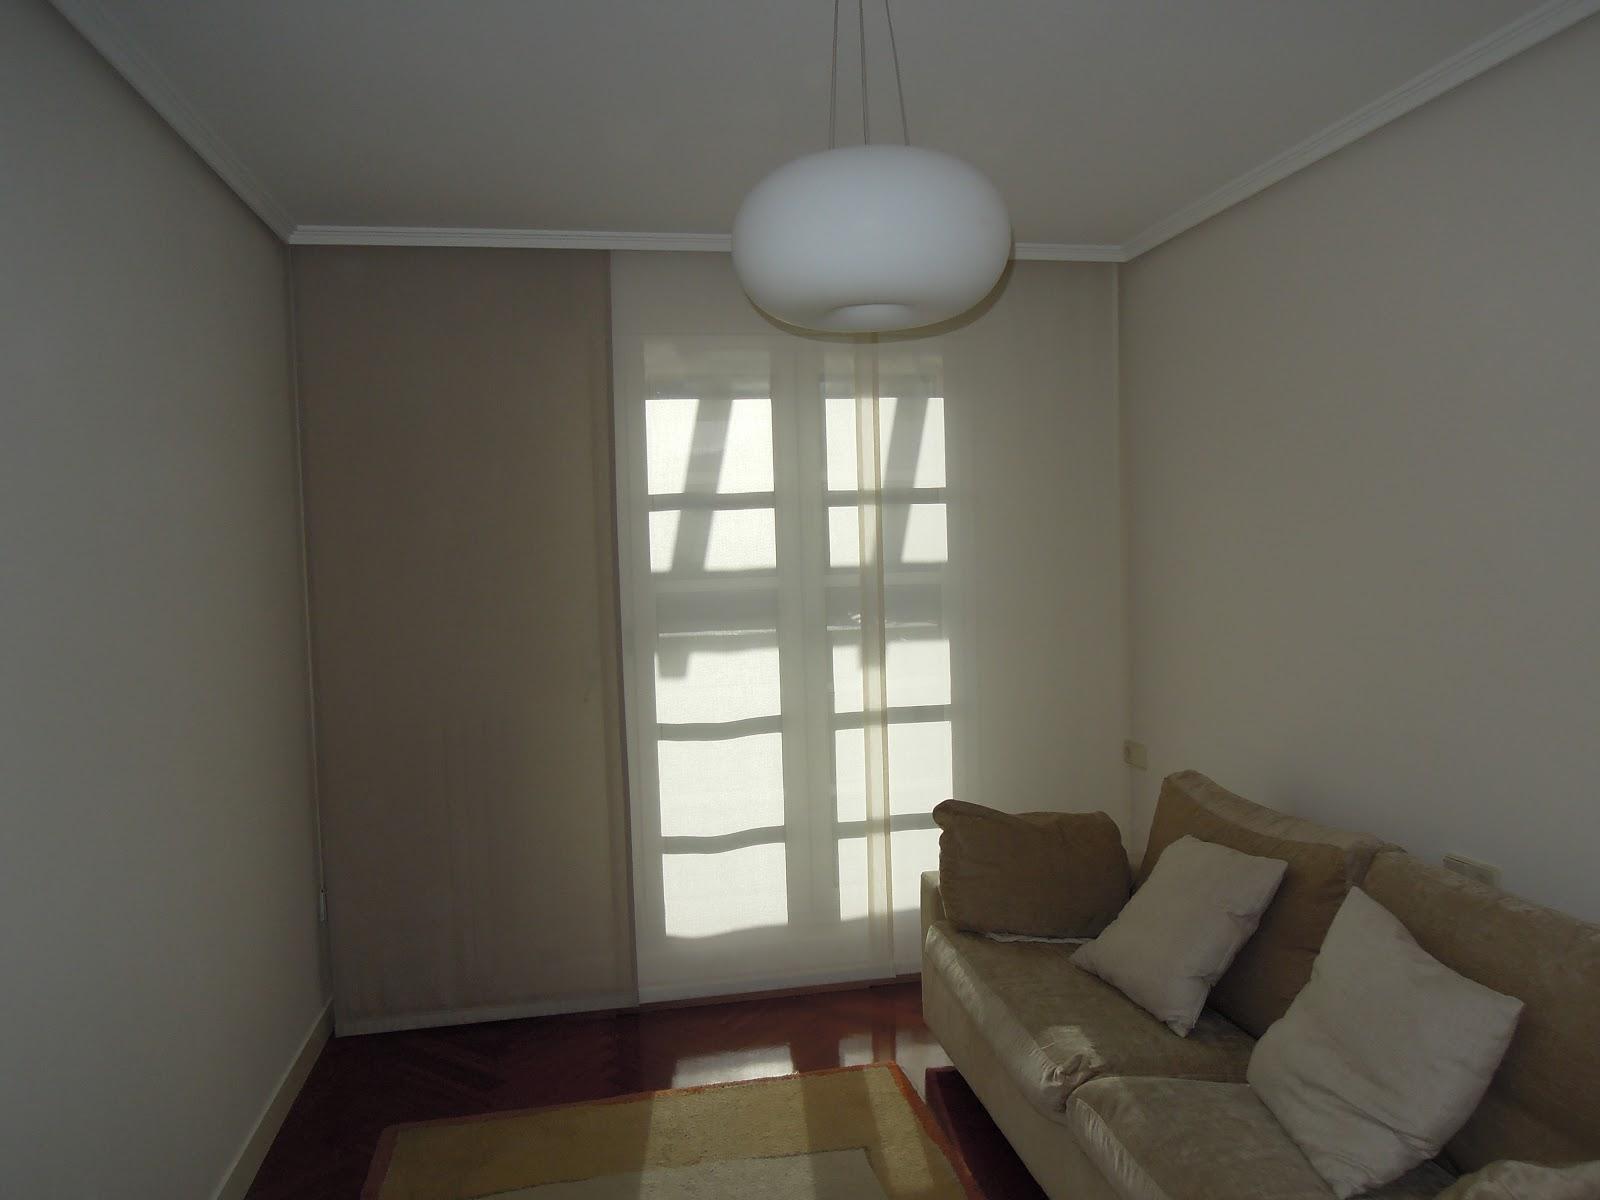 Fotos de cortinas dormitorio juvenil 2012 - Cortinas dormitorio principal ...